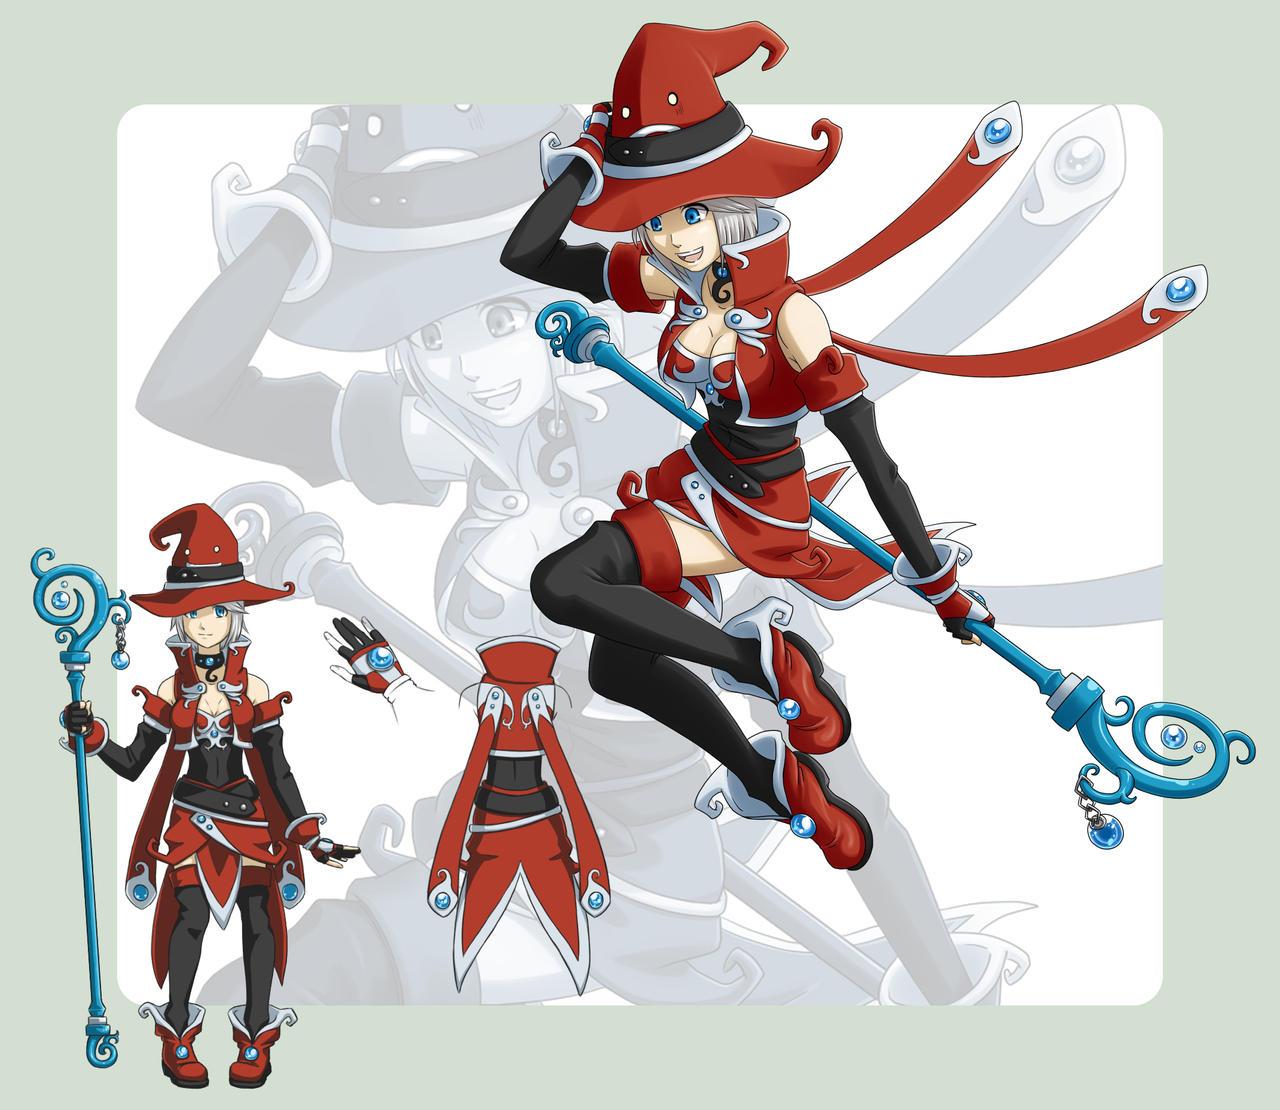 FEZ Sorceress by Trinamon